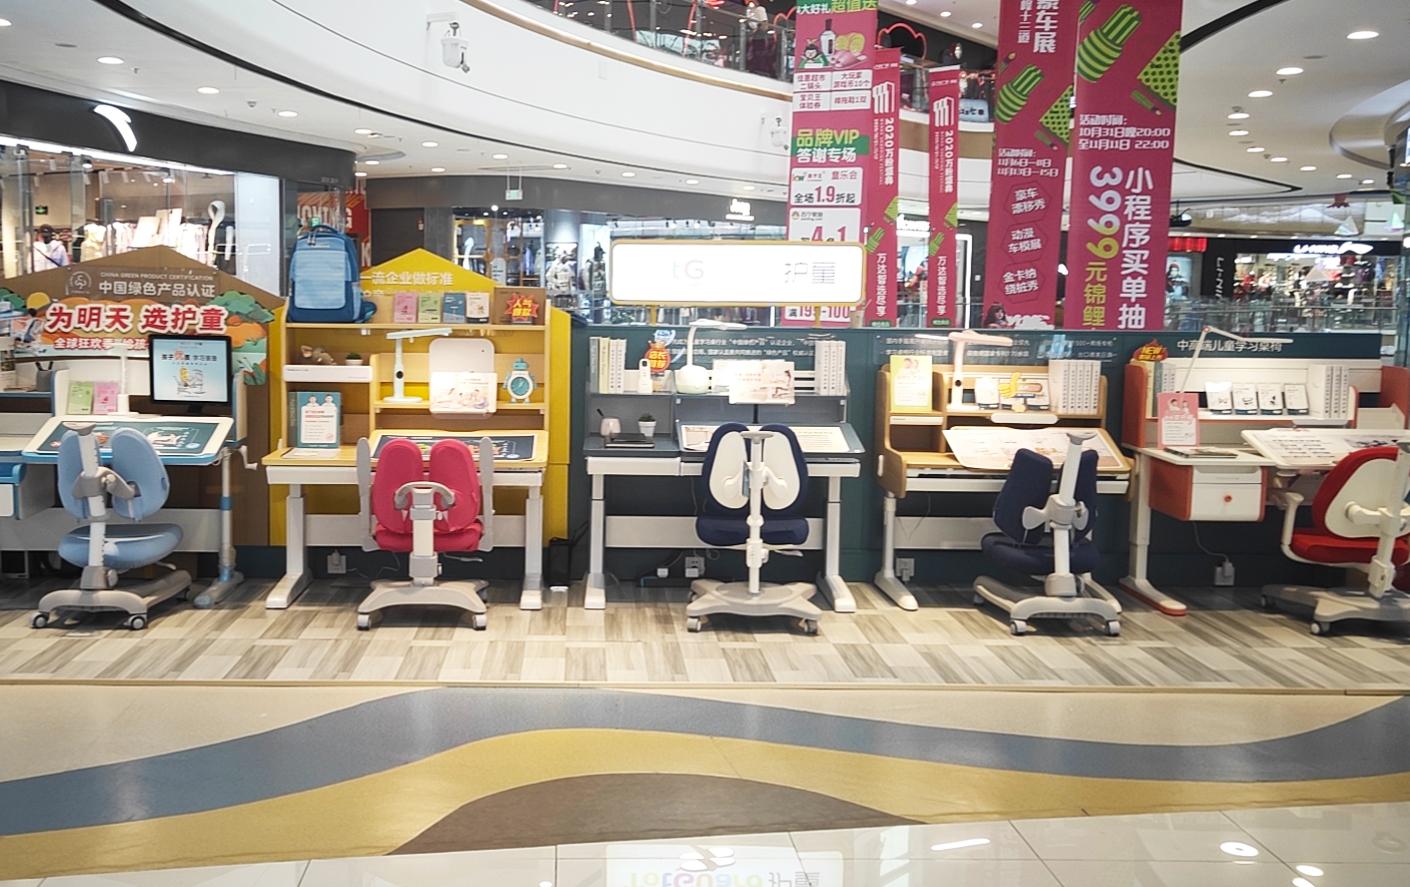 热烈祝贺护童第2095家怀化万达广场护童专柜盛大开业!